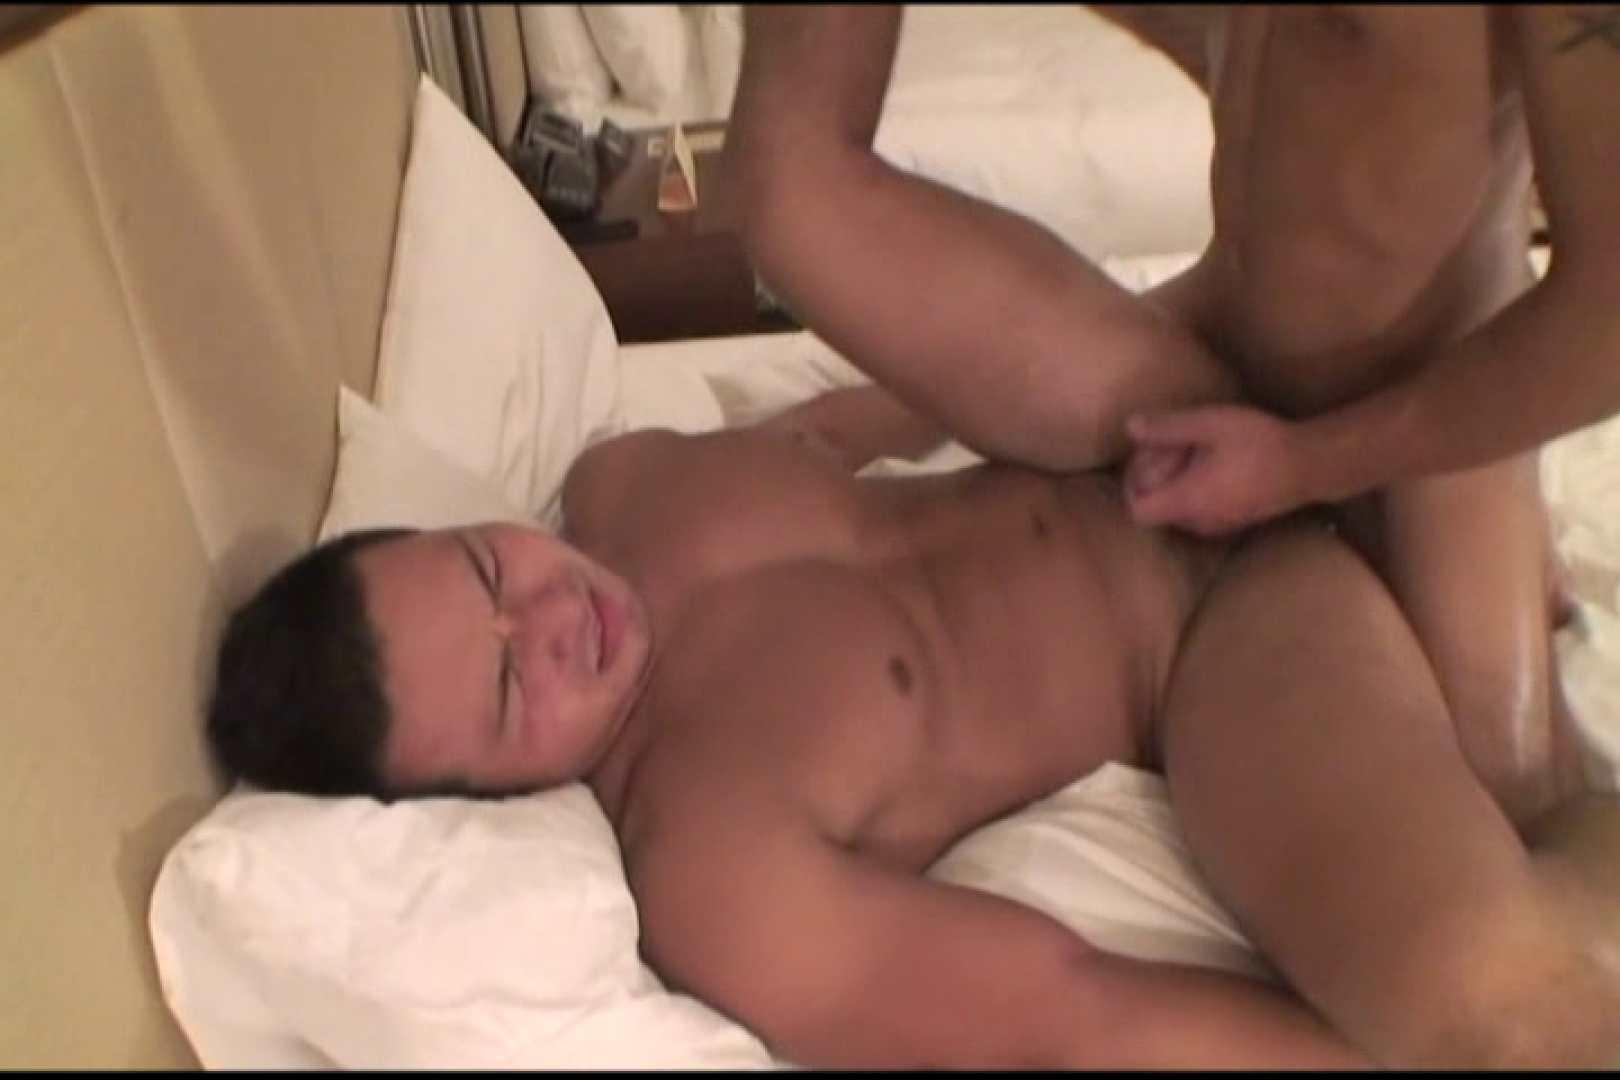 短髪ラガーマン風男子、乳首を舐められ悶絶顔 念願の完全無修正 ゲイセックス画像 84連発 15